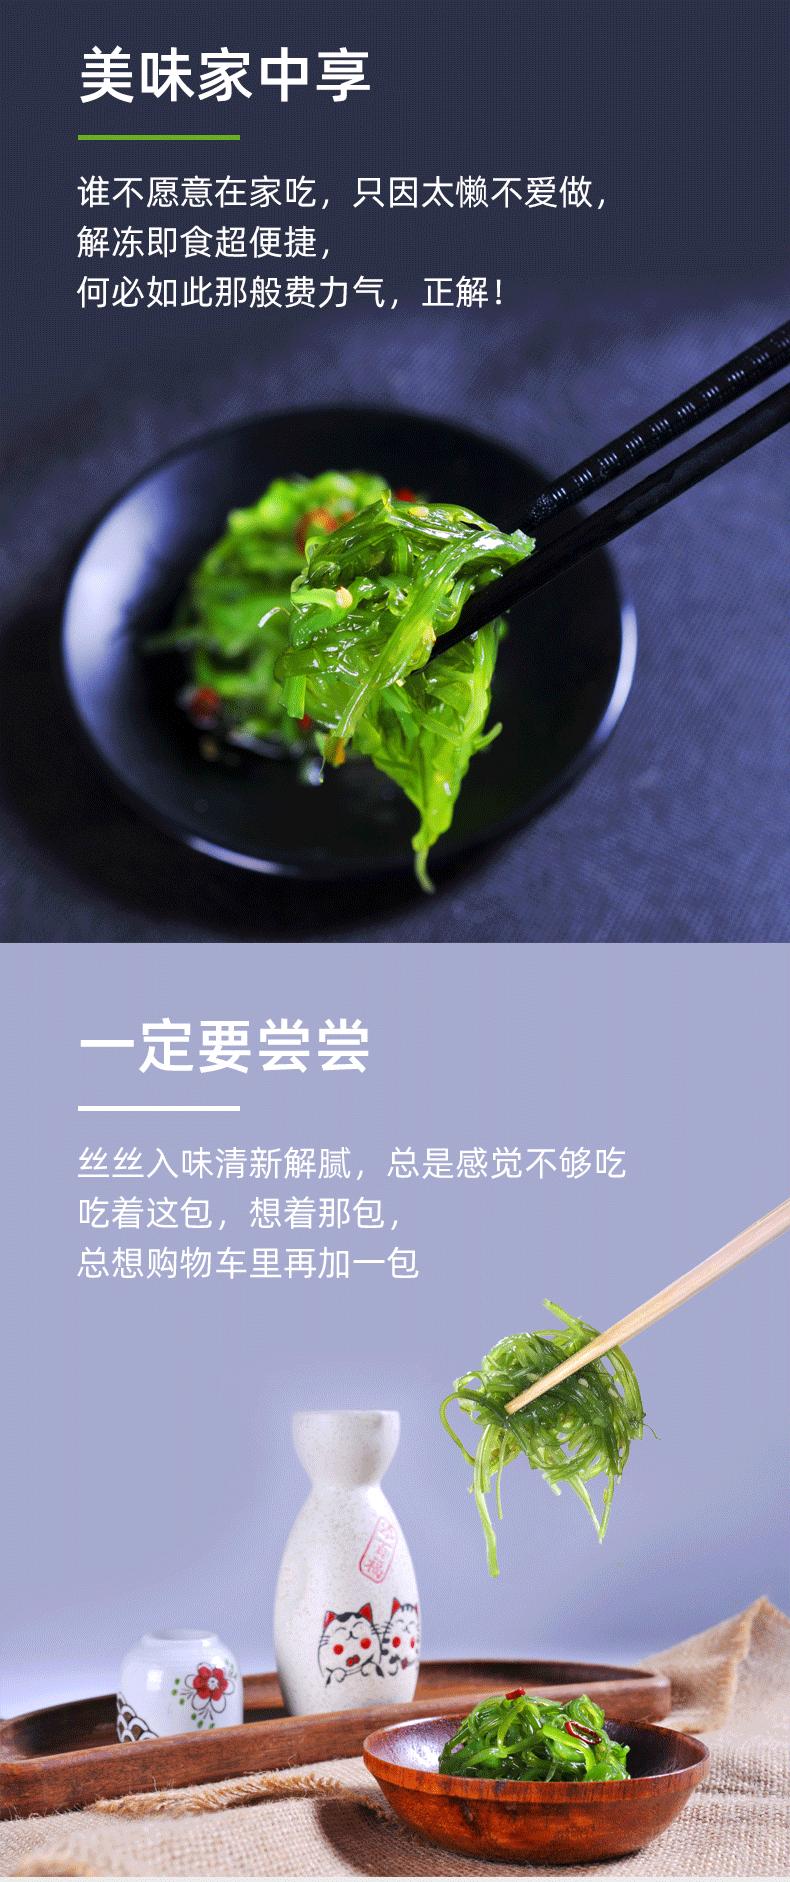 金葵日式裙带菜500g开袋即食海藻寿司中华海草沙拉即食海带梗丝酸甜口味芥末口味 酸甜味